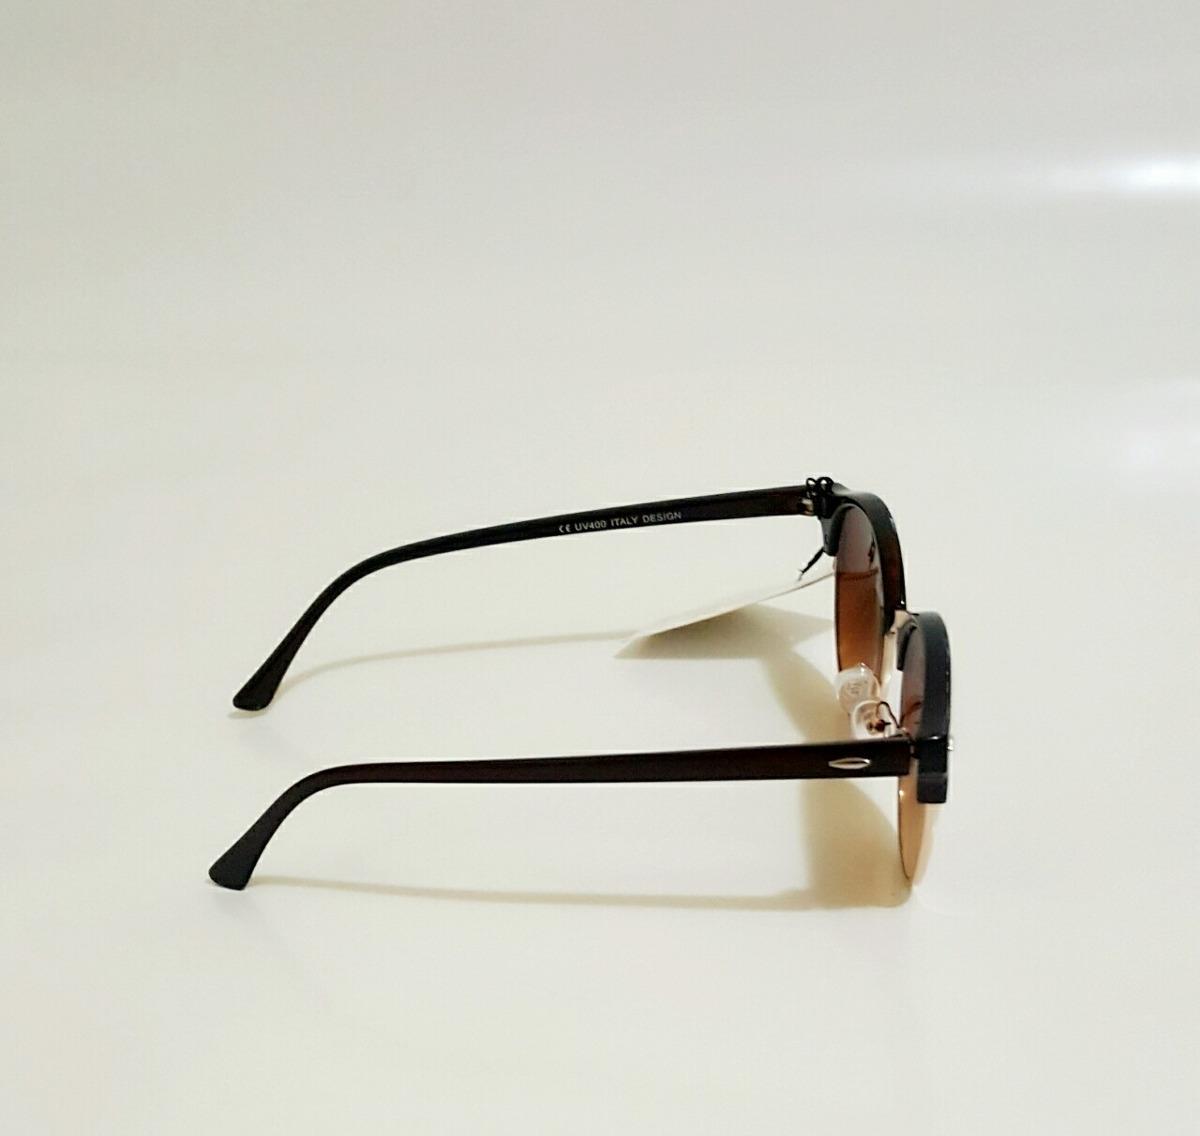 adf017ea27f0e oculos sol feminino 02 masculino e feminino verao. Carregando zoom.